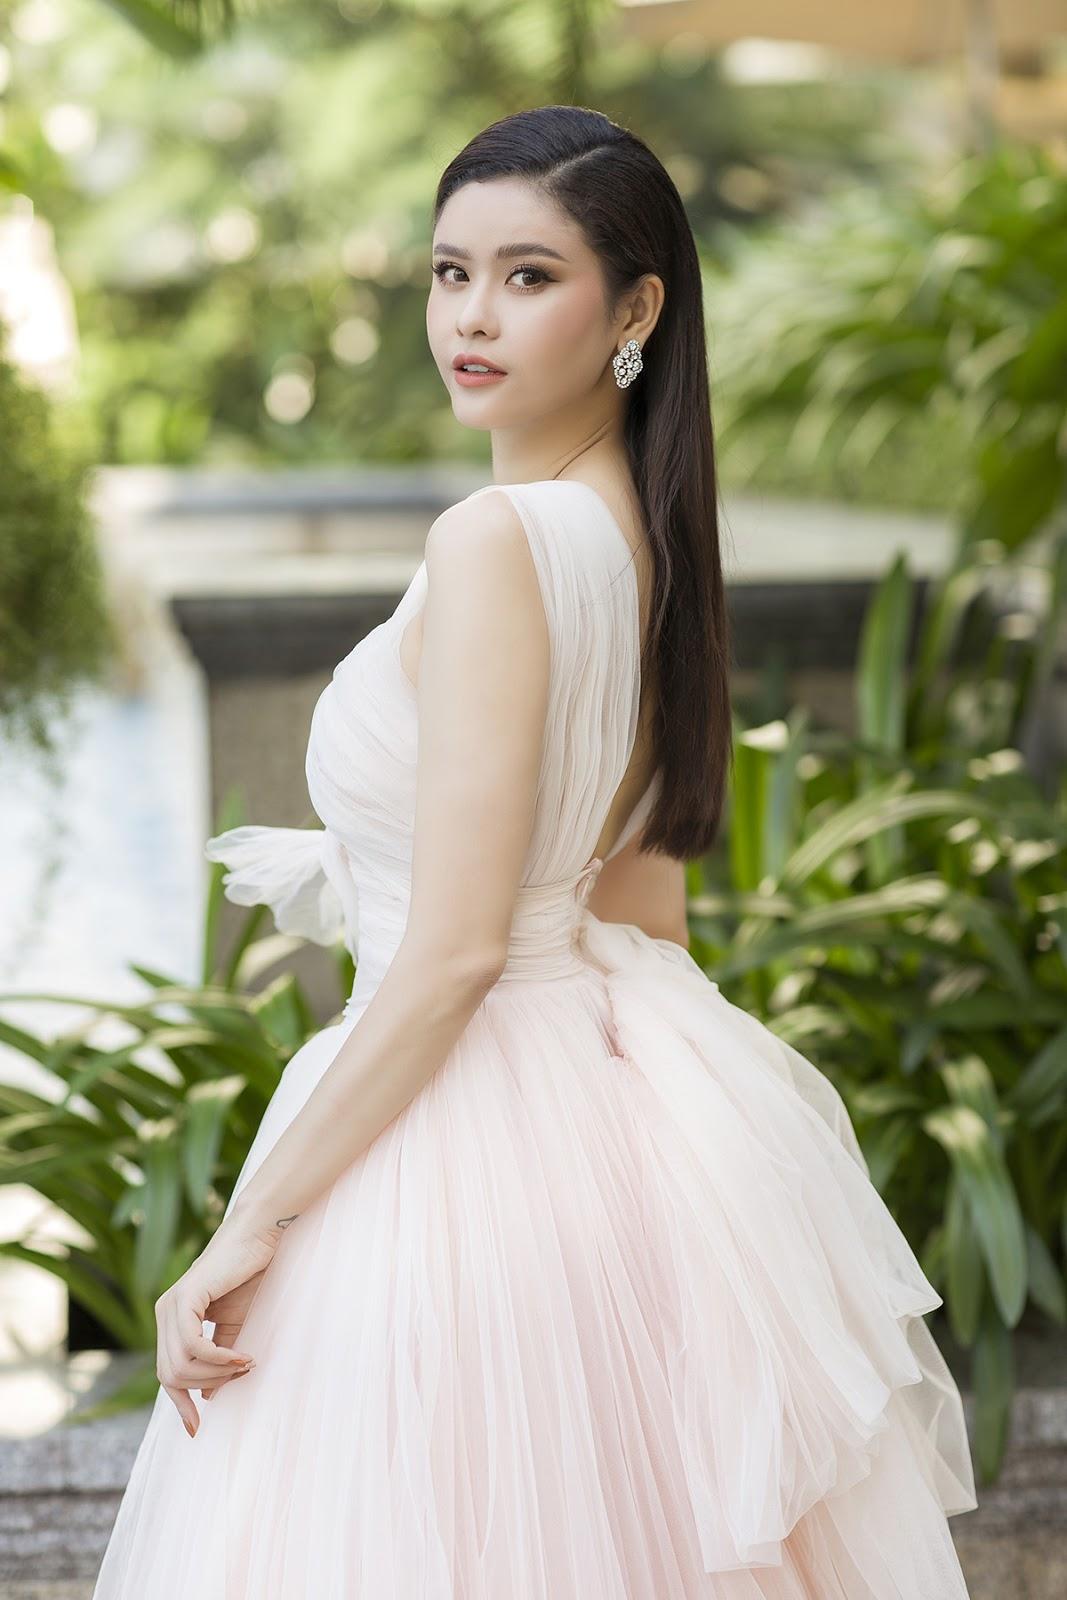 Trương Quỳnh Anh từ chối trả lời khi được hỏi về chuyện riêng tư, gia đình - Hình 12